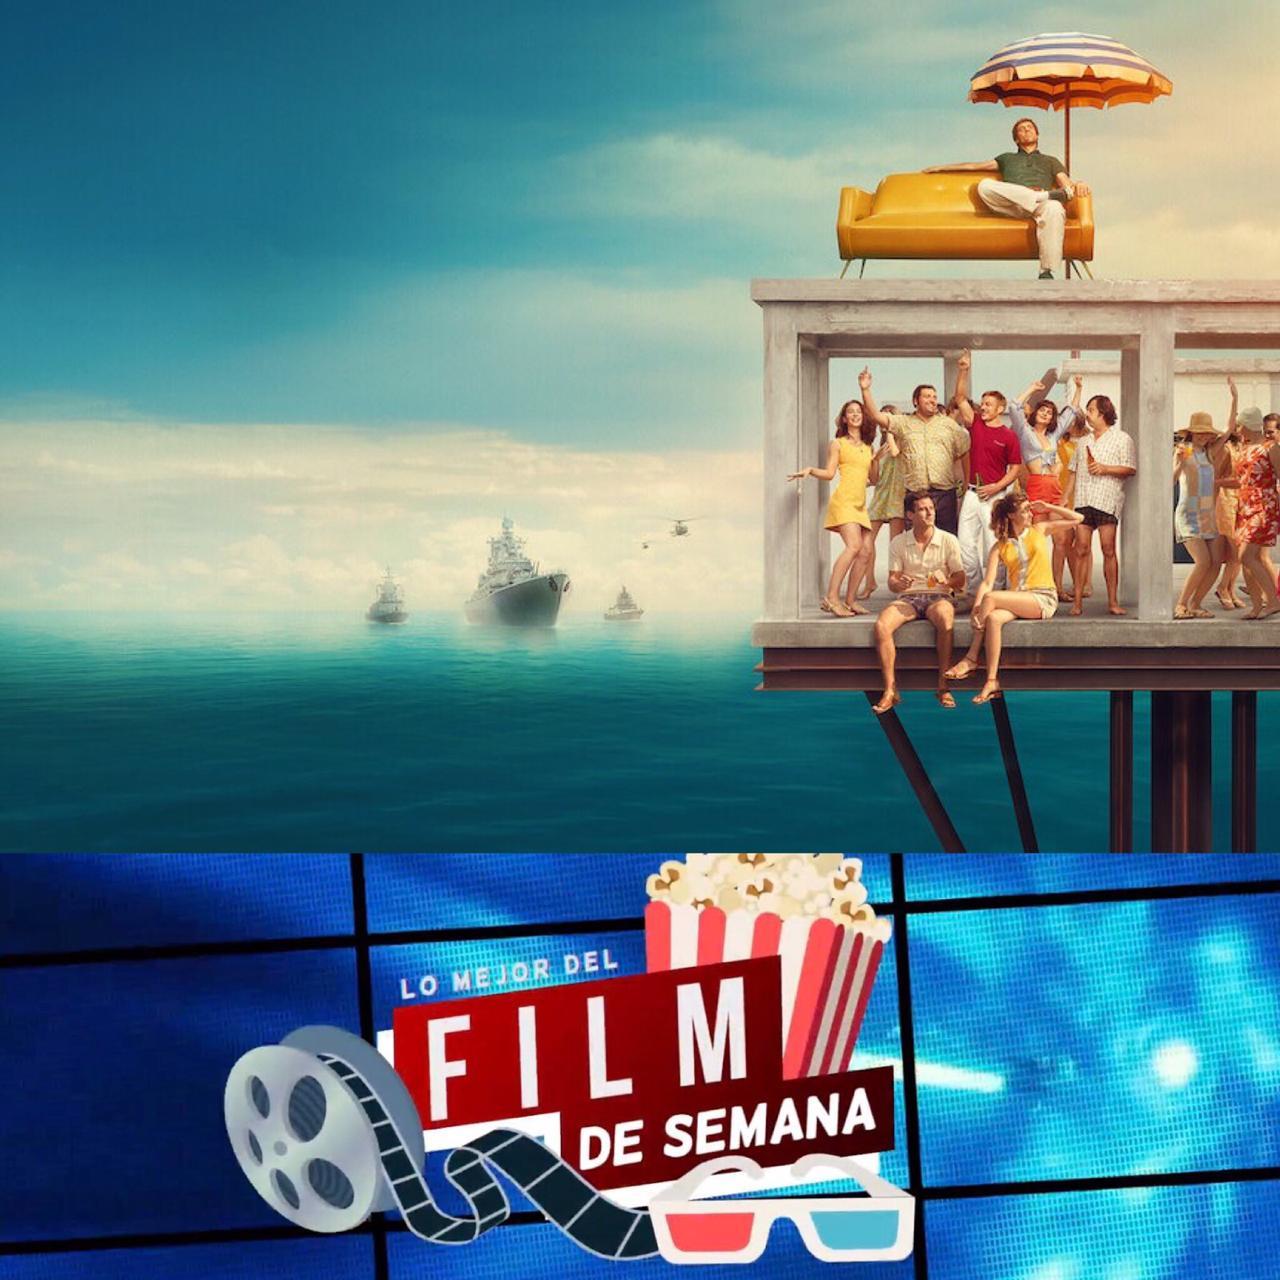 El Film de la Semana La increíble historia de la Isla de las Rosas